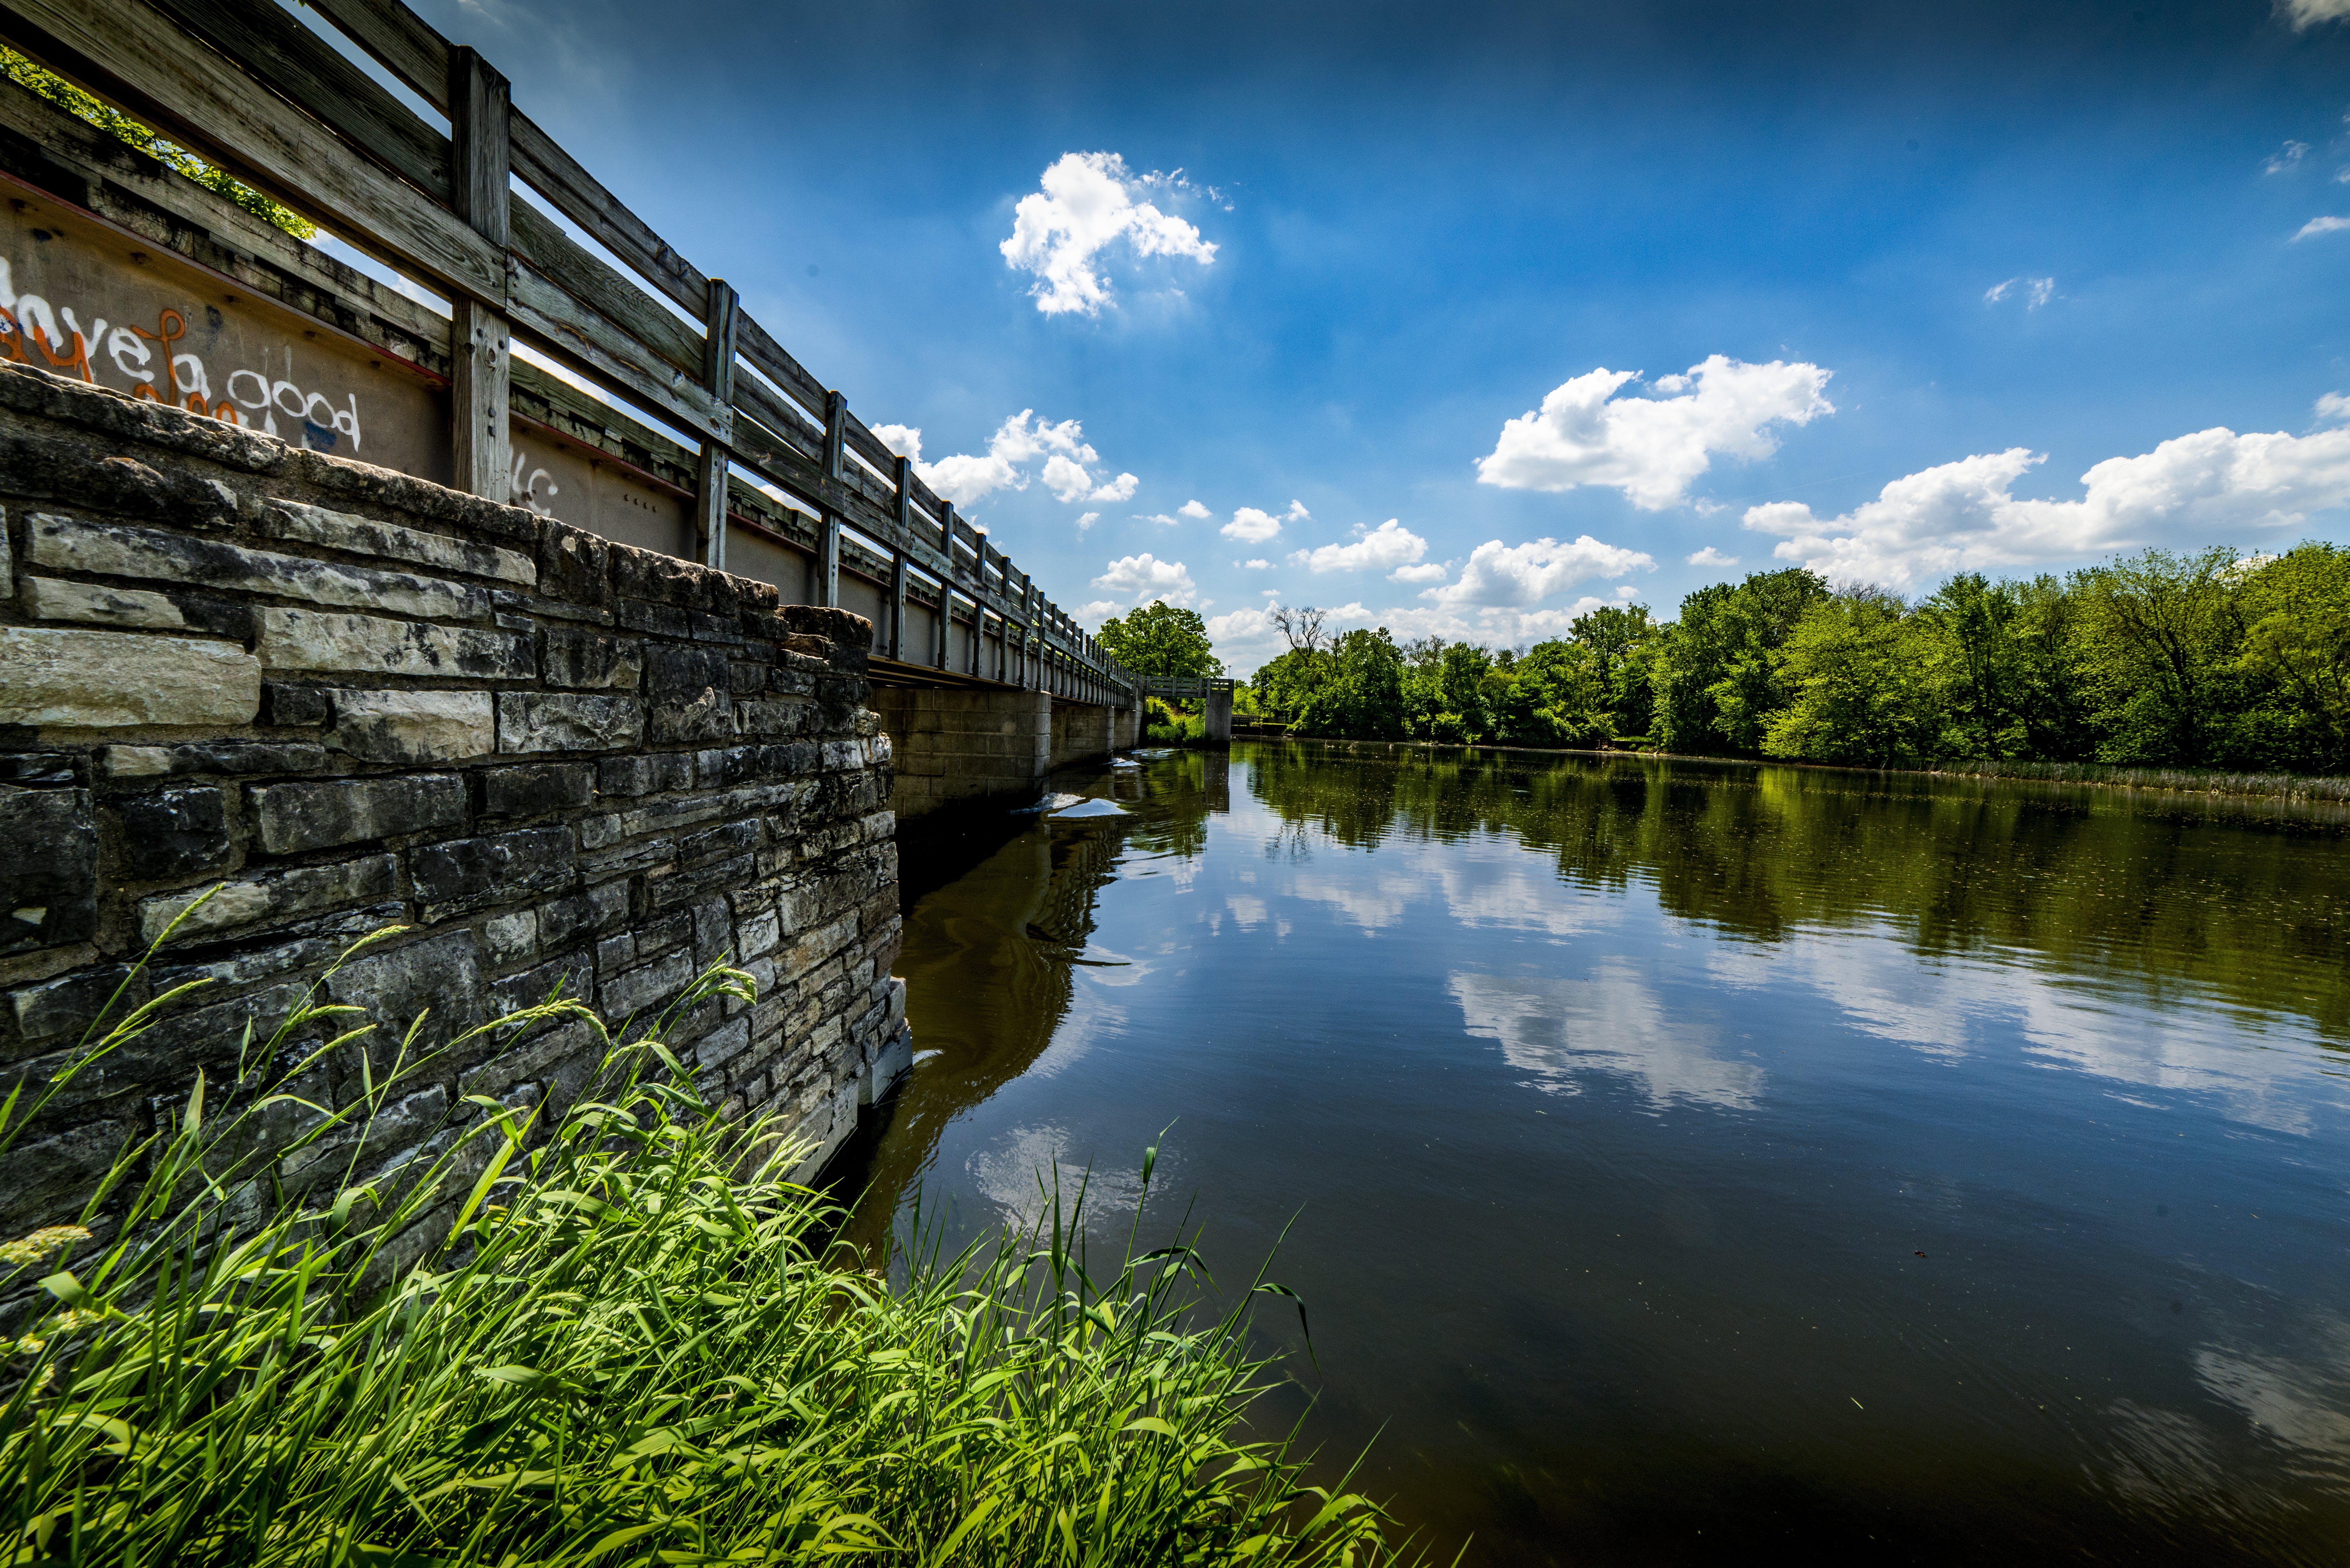 Gratis arkivbilde med bro, kanal, landskap, naturskjønn